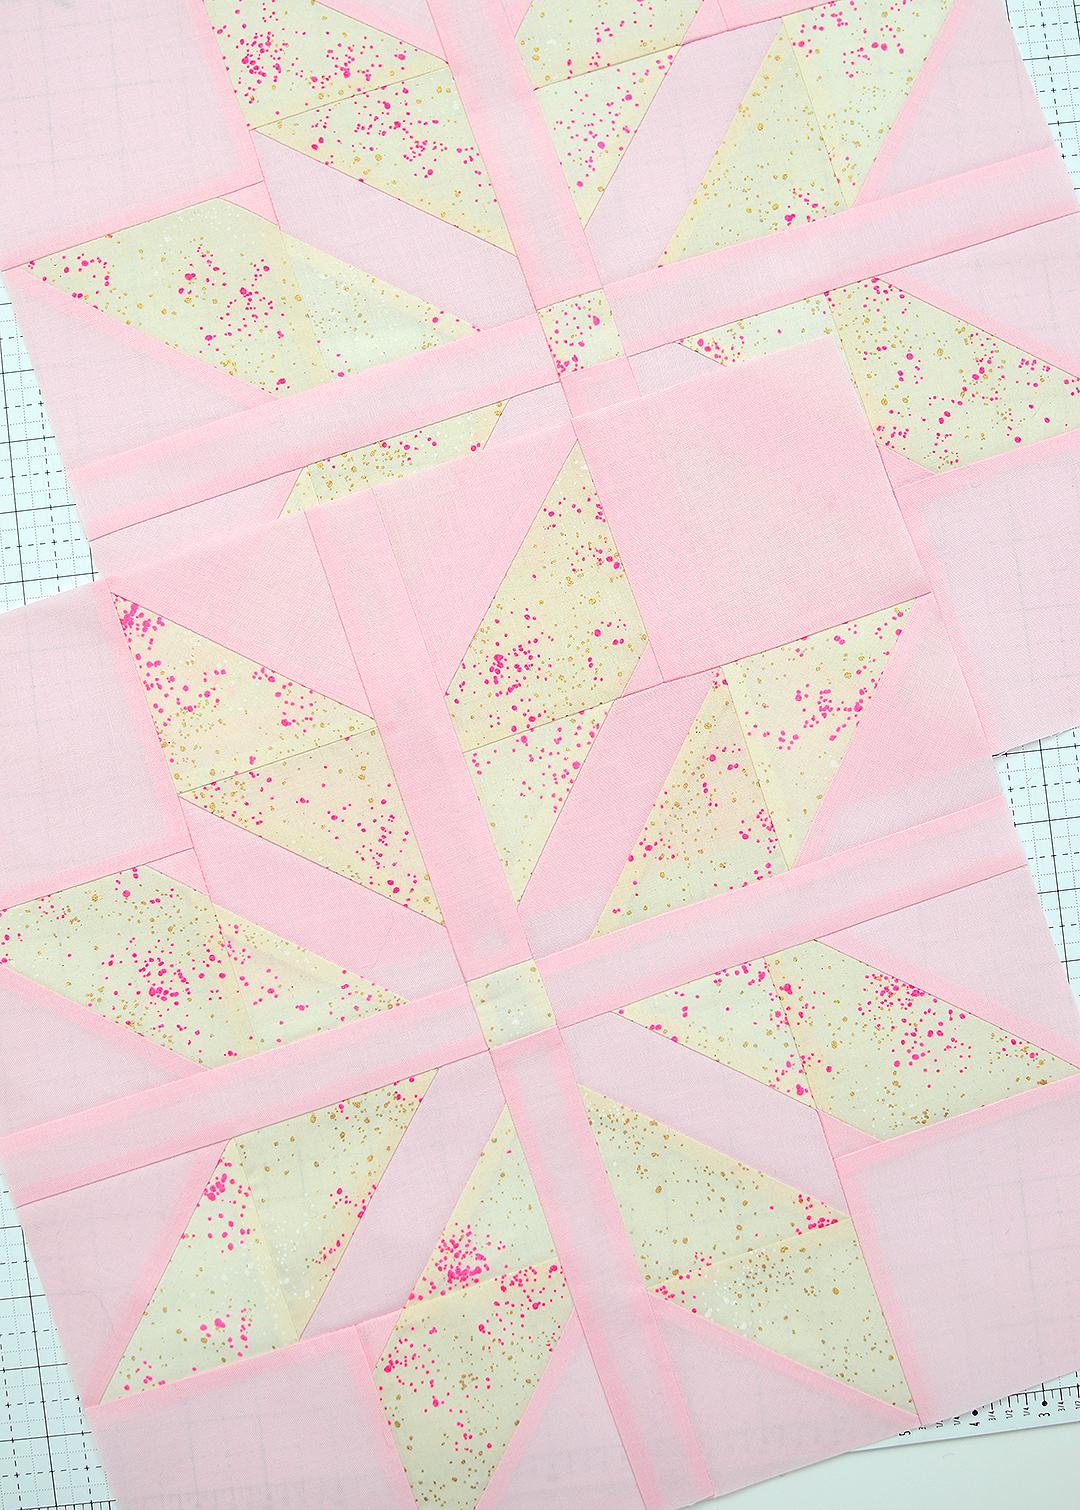 Light pink star quilt blocks